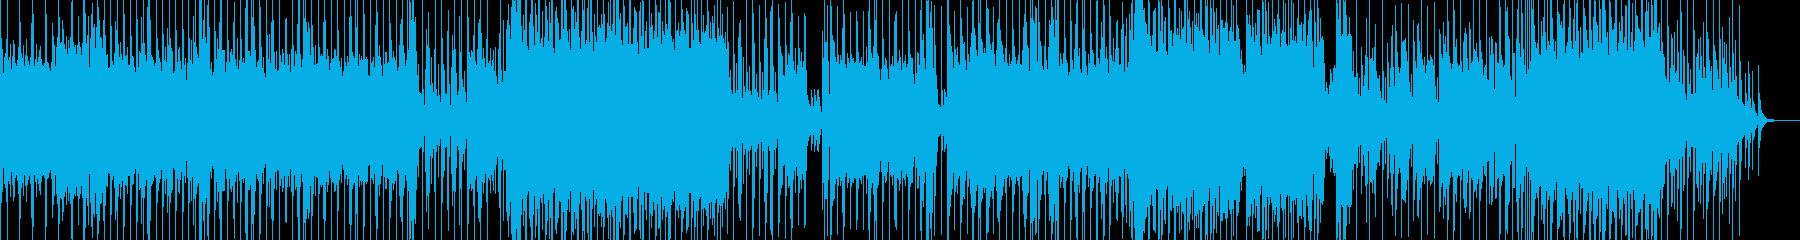 硬質なシンセ・無機質なヒップホップ Bの再生済みの波形